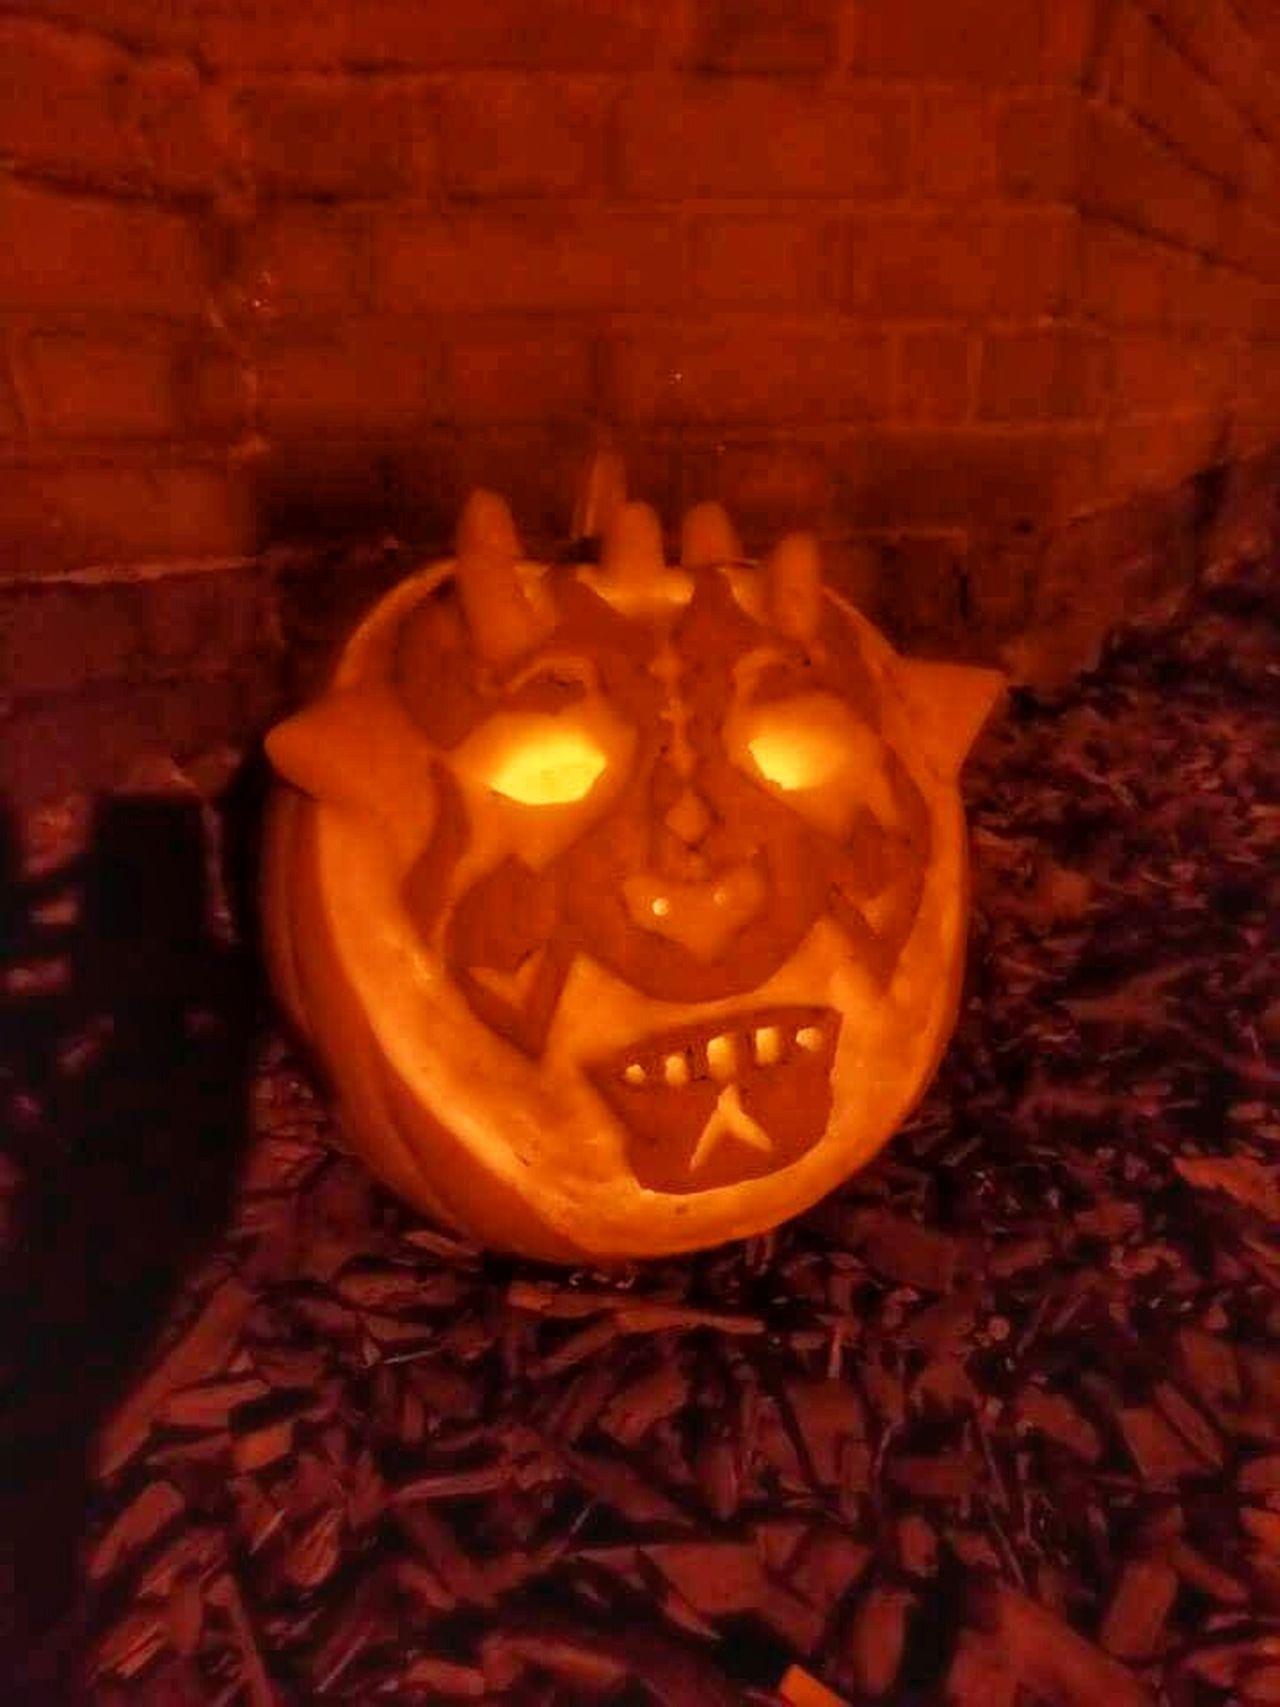 Halloween Pumpkins Glow Pumpkin Carving Pumpkin Darth Maul